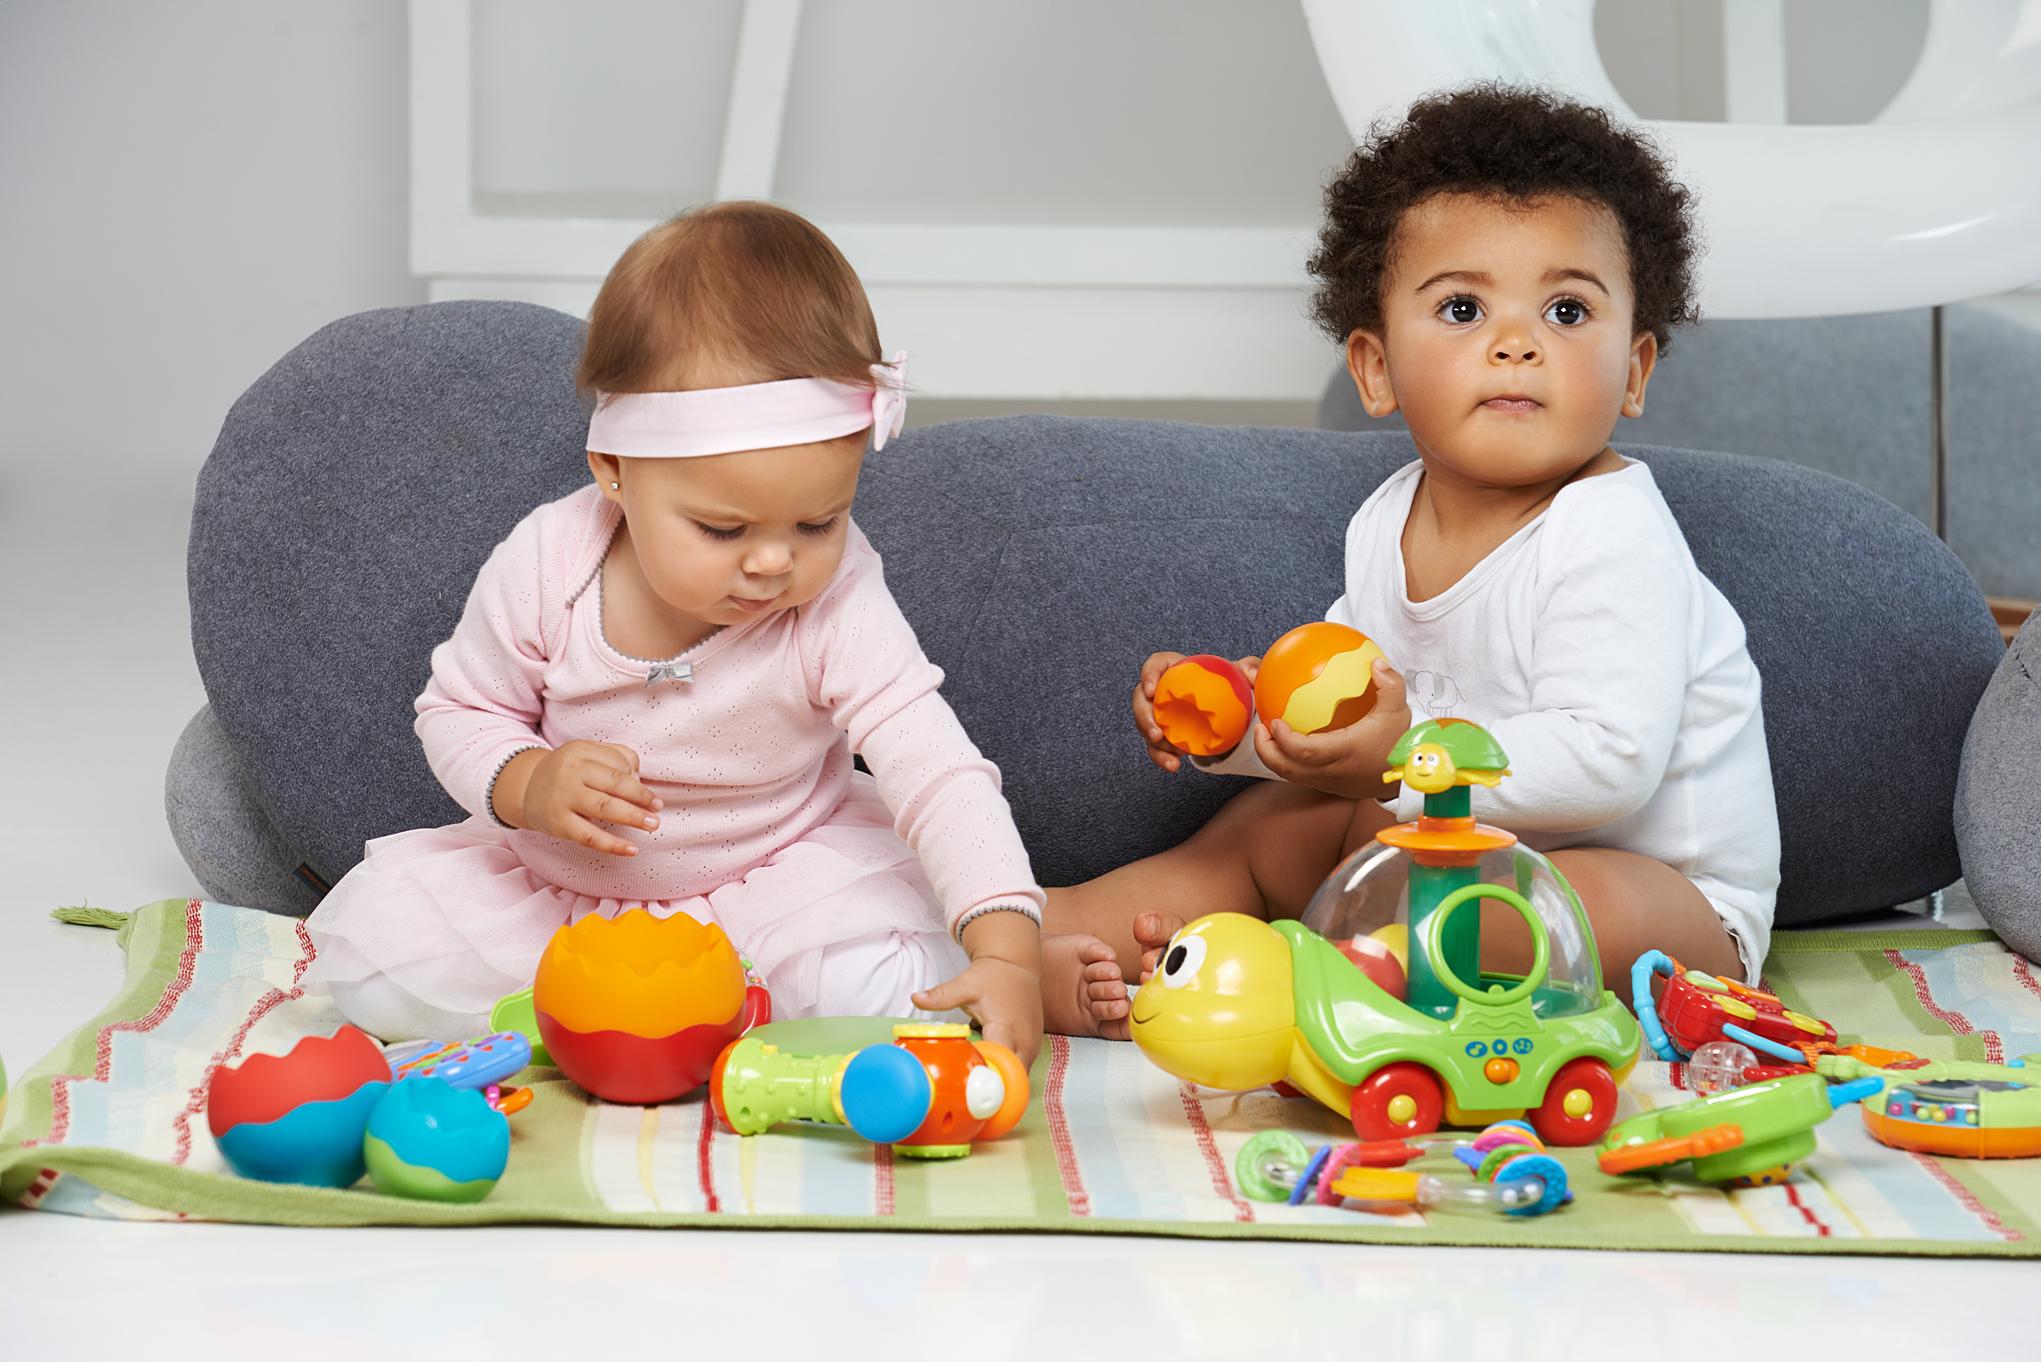 Сбор заказов. Товары для малышей Пома, Happy Baby, Бусинка, Maman, детская косметика AQA Baby, Sanosan, Magic Herbs. Всё самое нужное для ухода за малышом! Огромный выбор! Постоплата 15%!